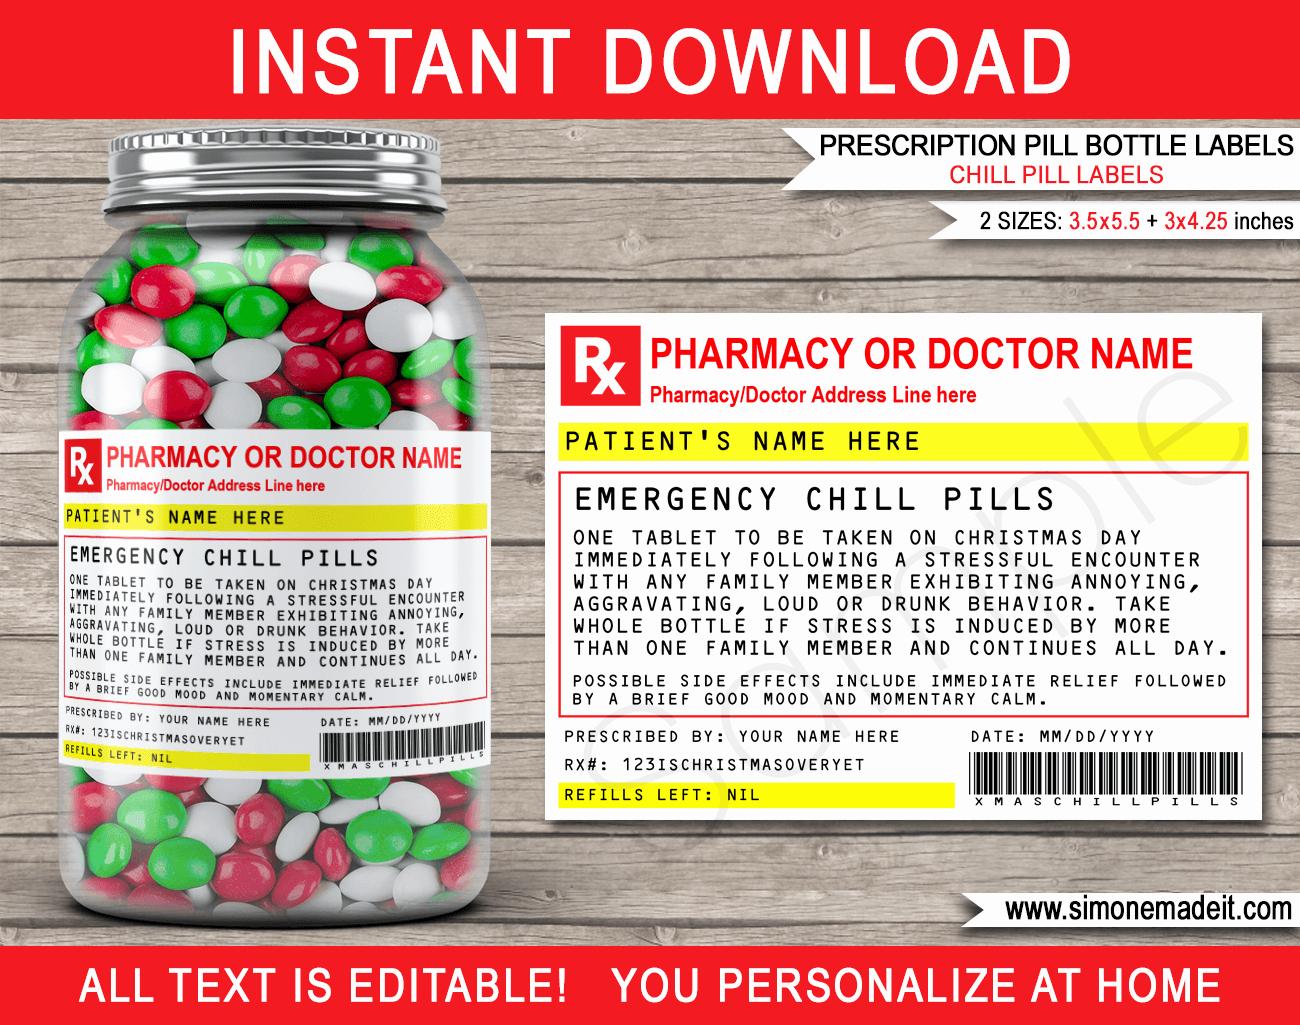 Prescription Bottle Label Template Lovely Christmas Chill Pills Label Template Prescription